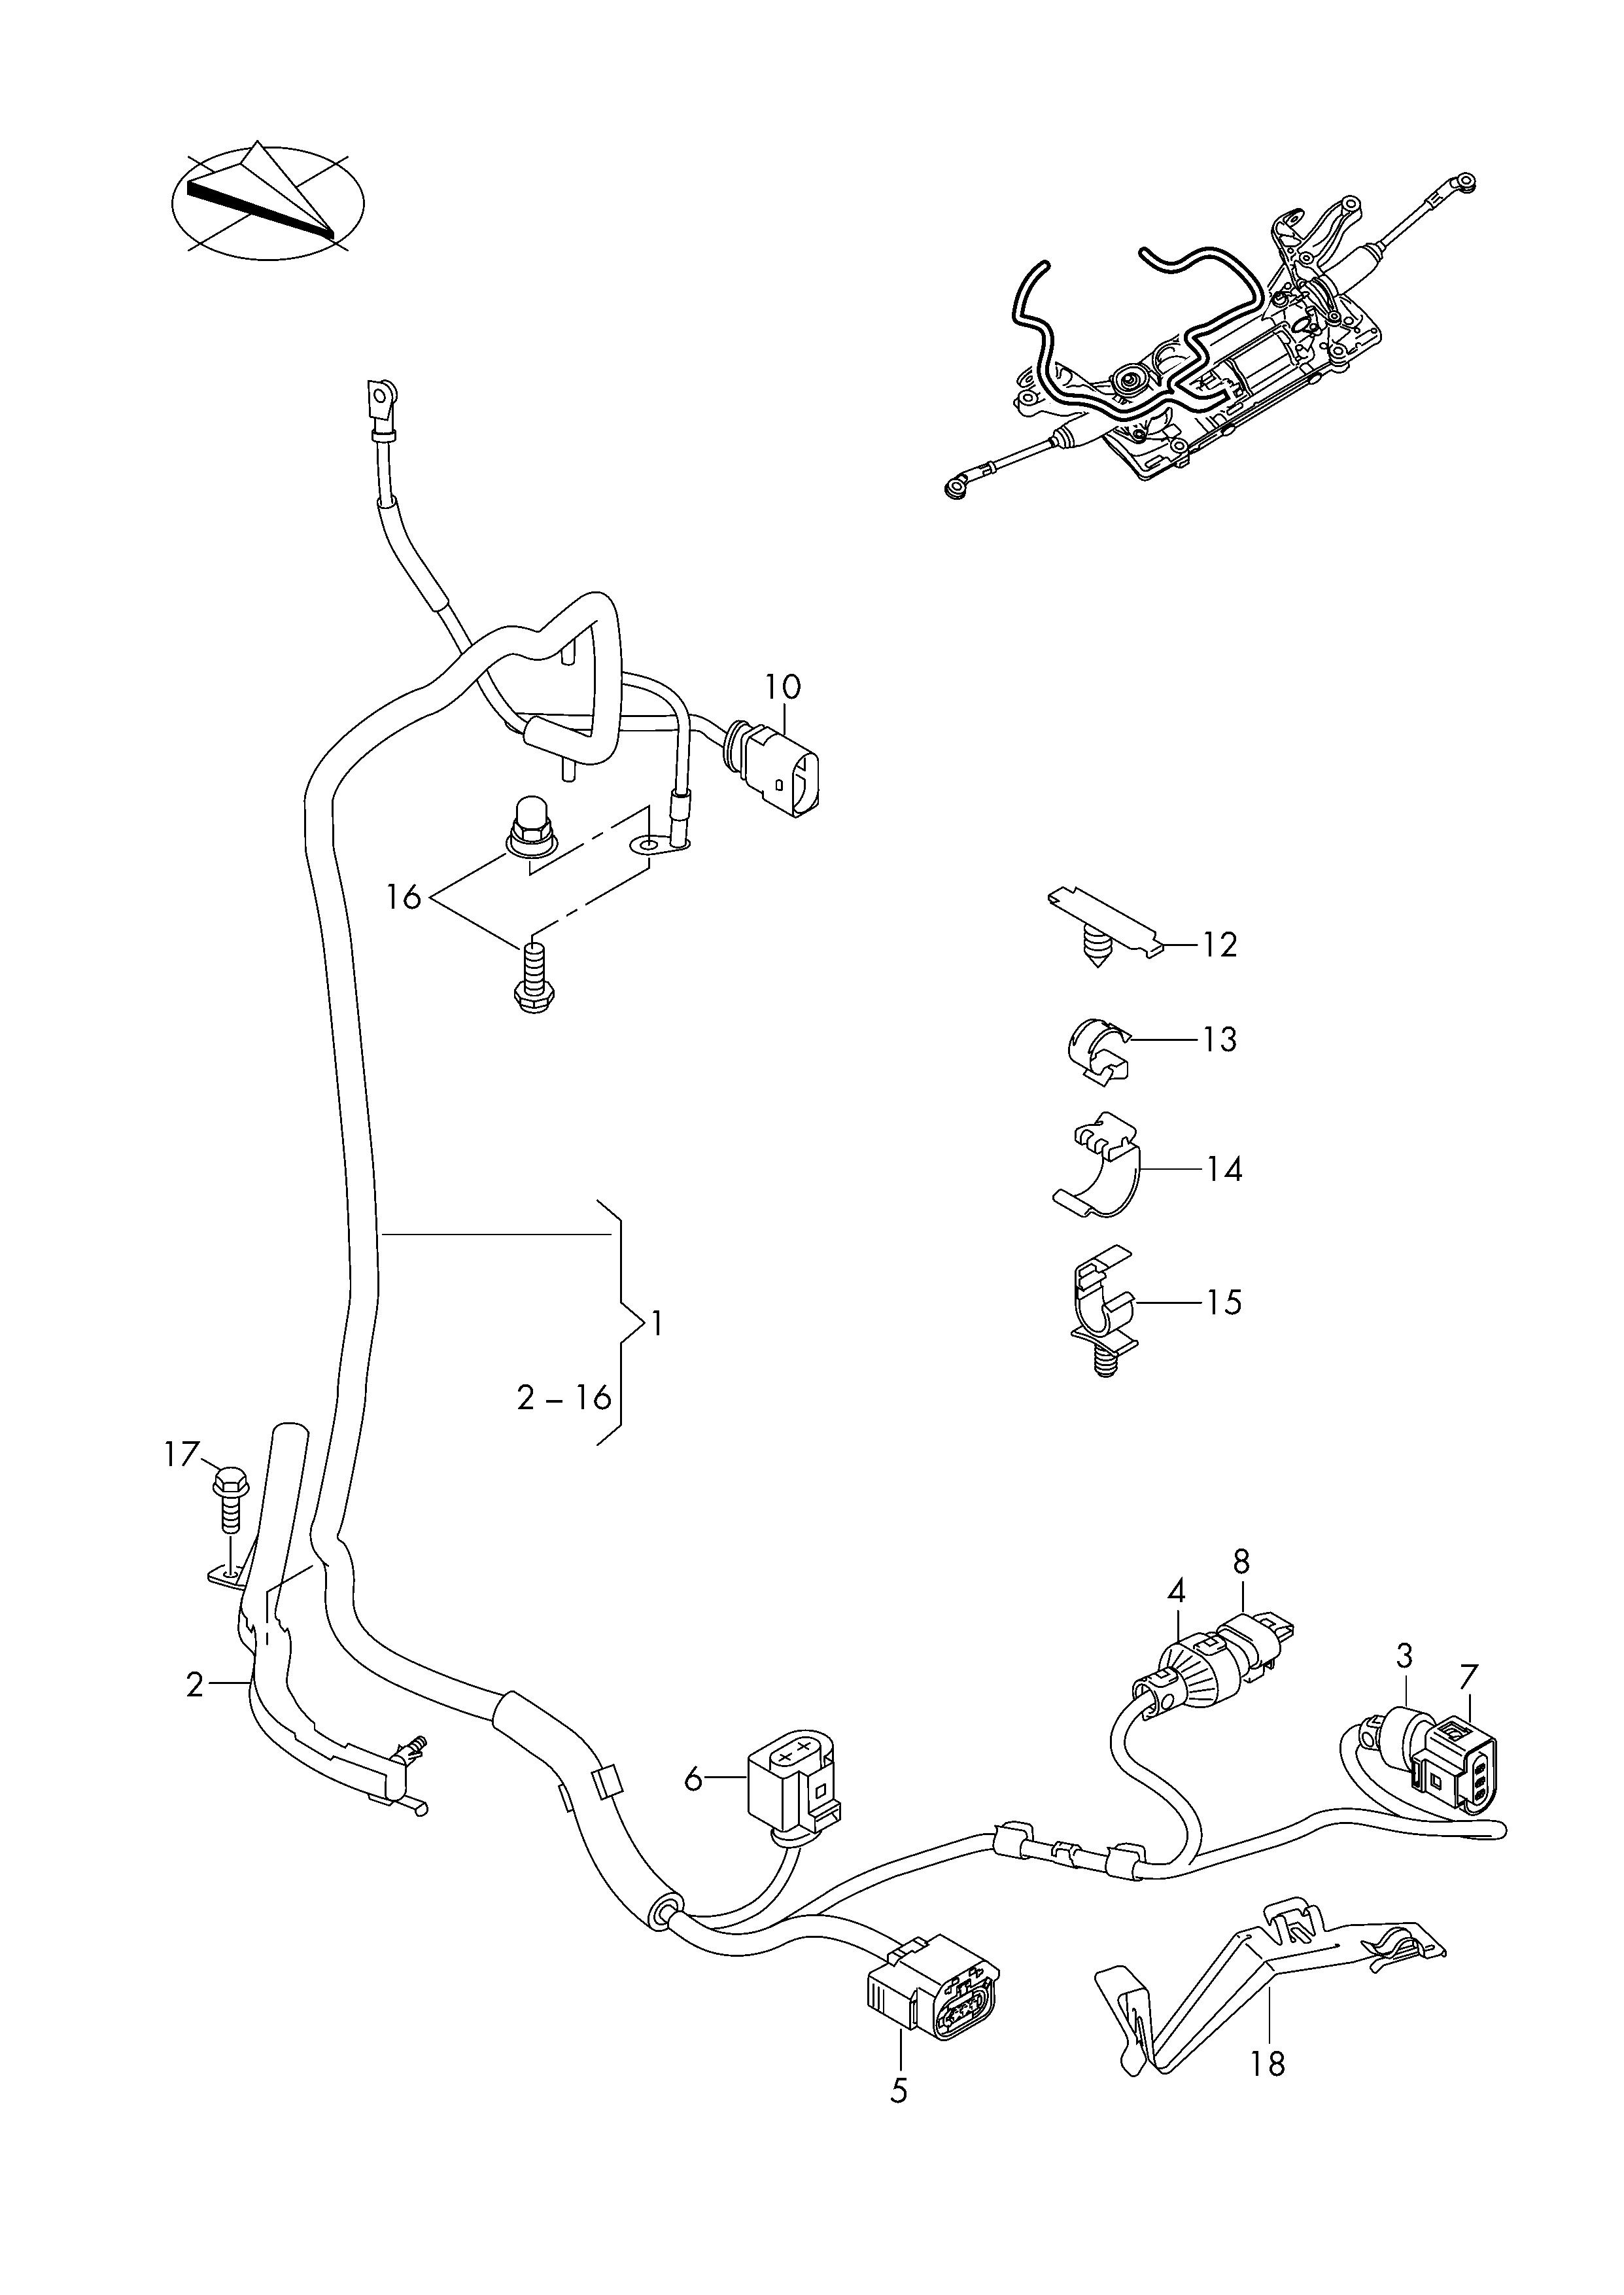 Wiring Diagram Vw Touran